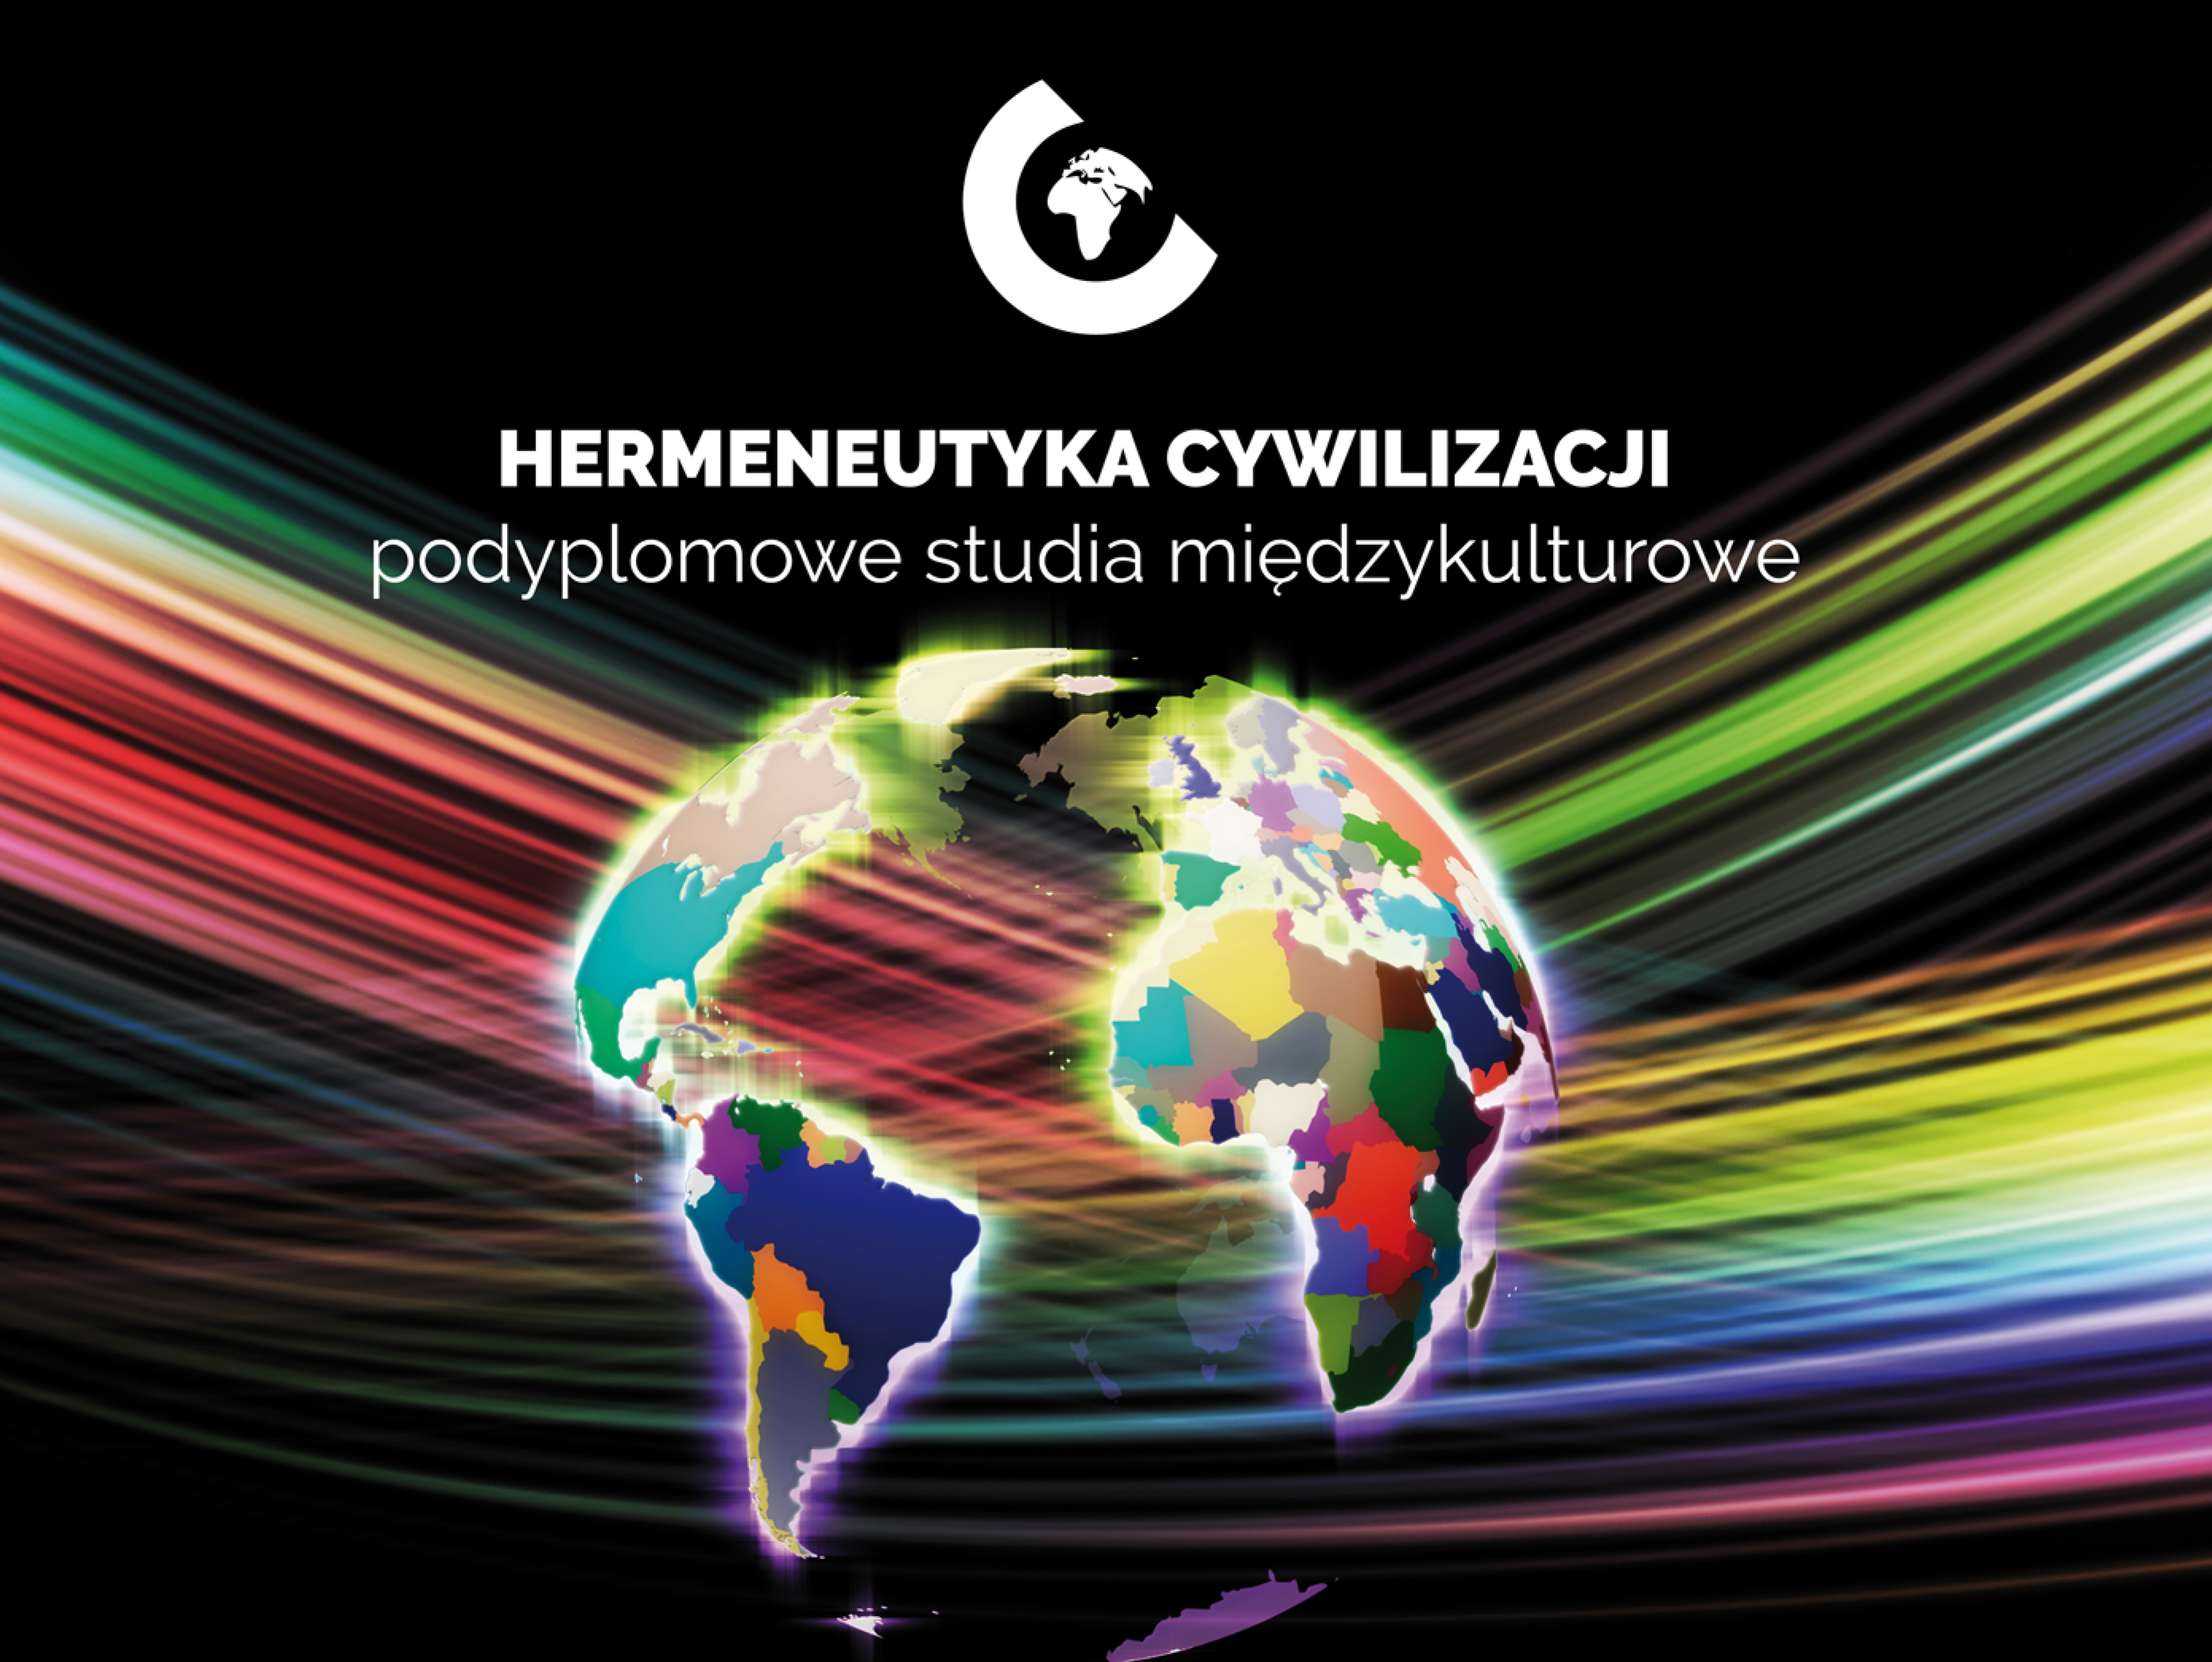 Hermeneutyka cywilizacji - studia międzykulturowe na Uniwersytecie Gdańskim